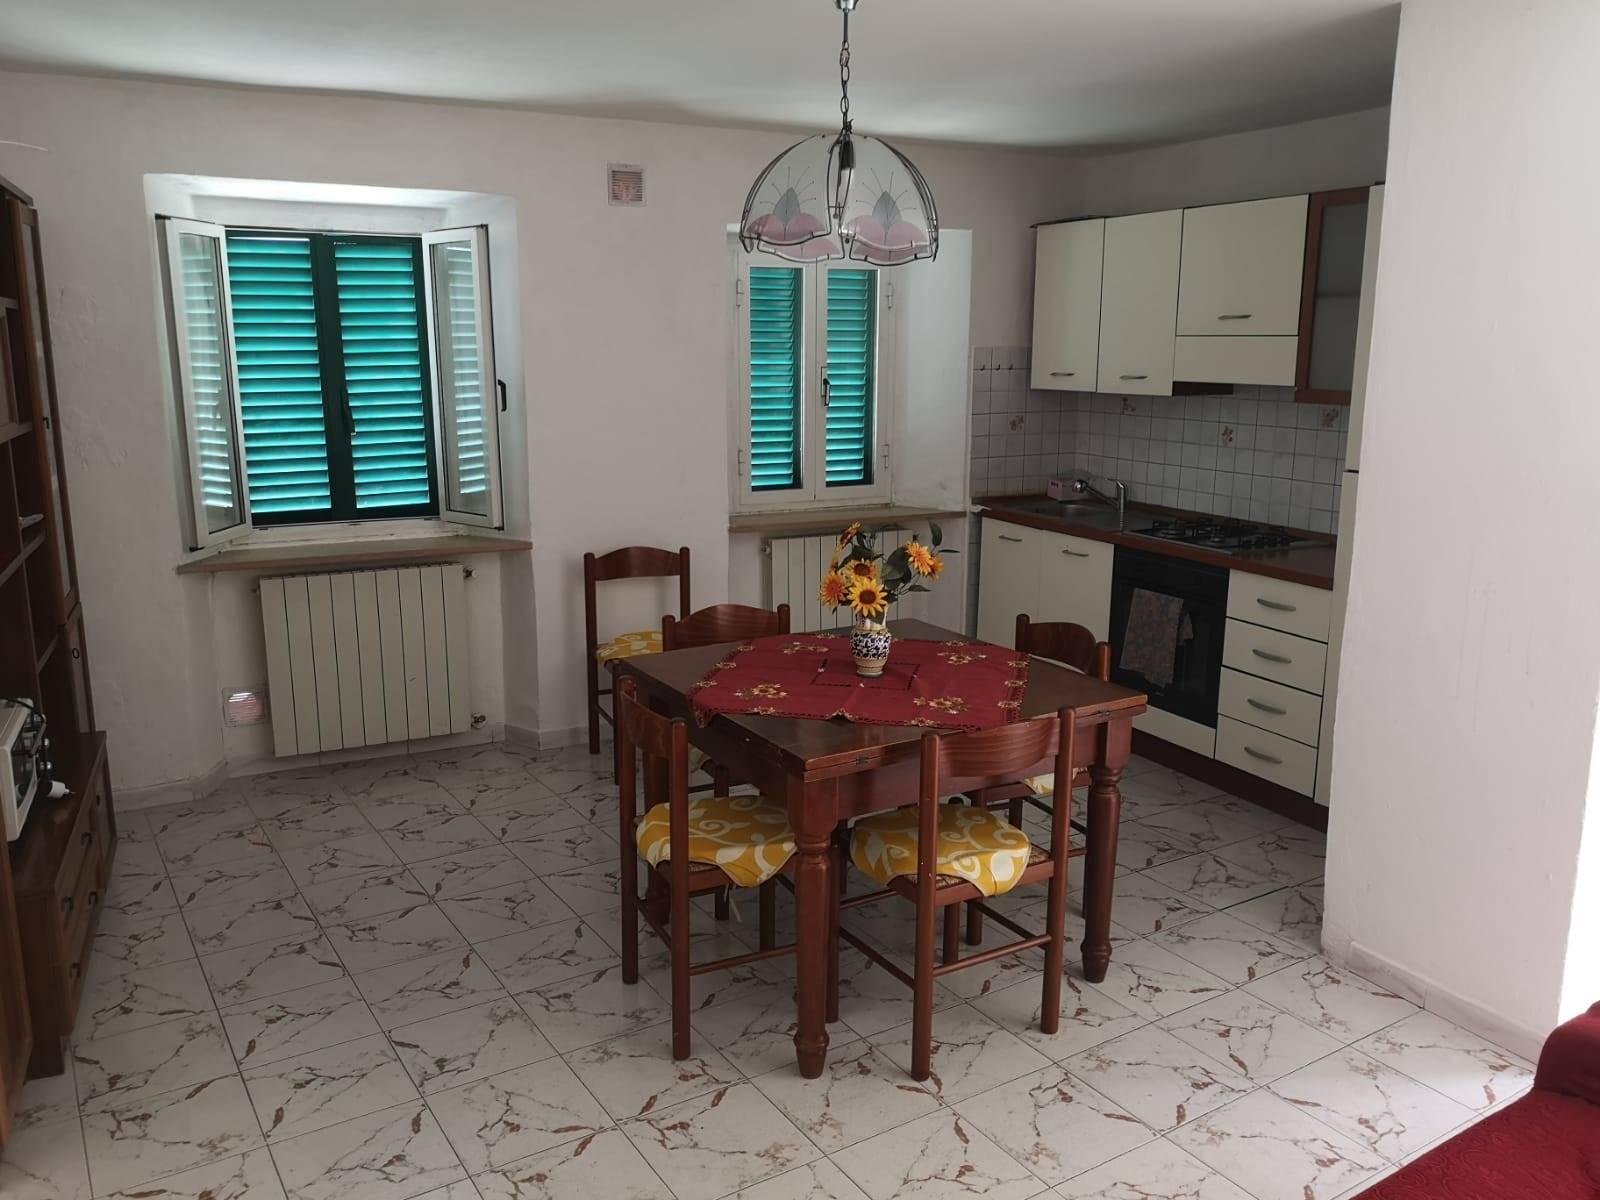 MARLIANA, Appartamento in affitto di 60 Mq, Ottime condizioni, Riscaldamento Autonomo, Classe energetica: G, Epi: 175 kwh/m2 anno, posto al piano